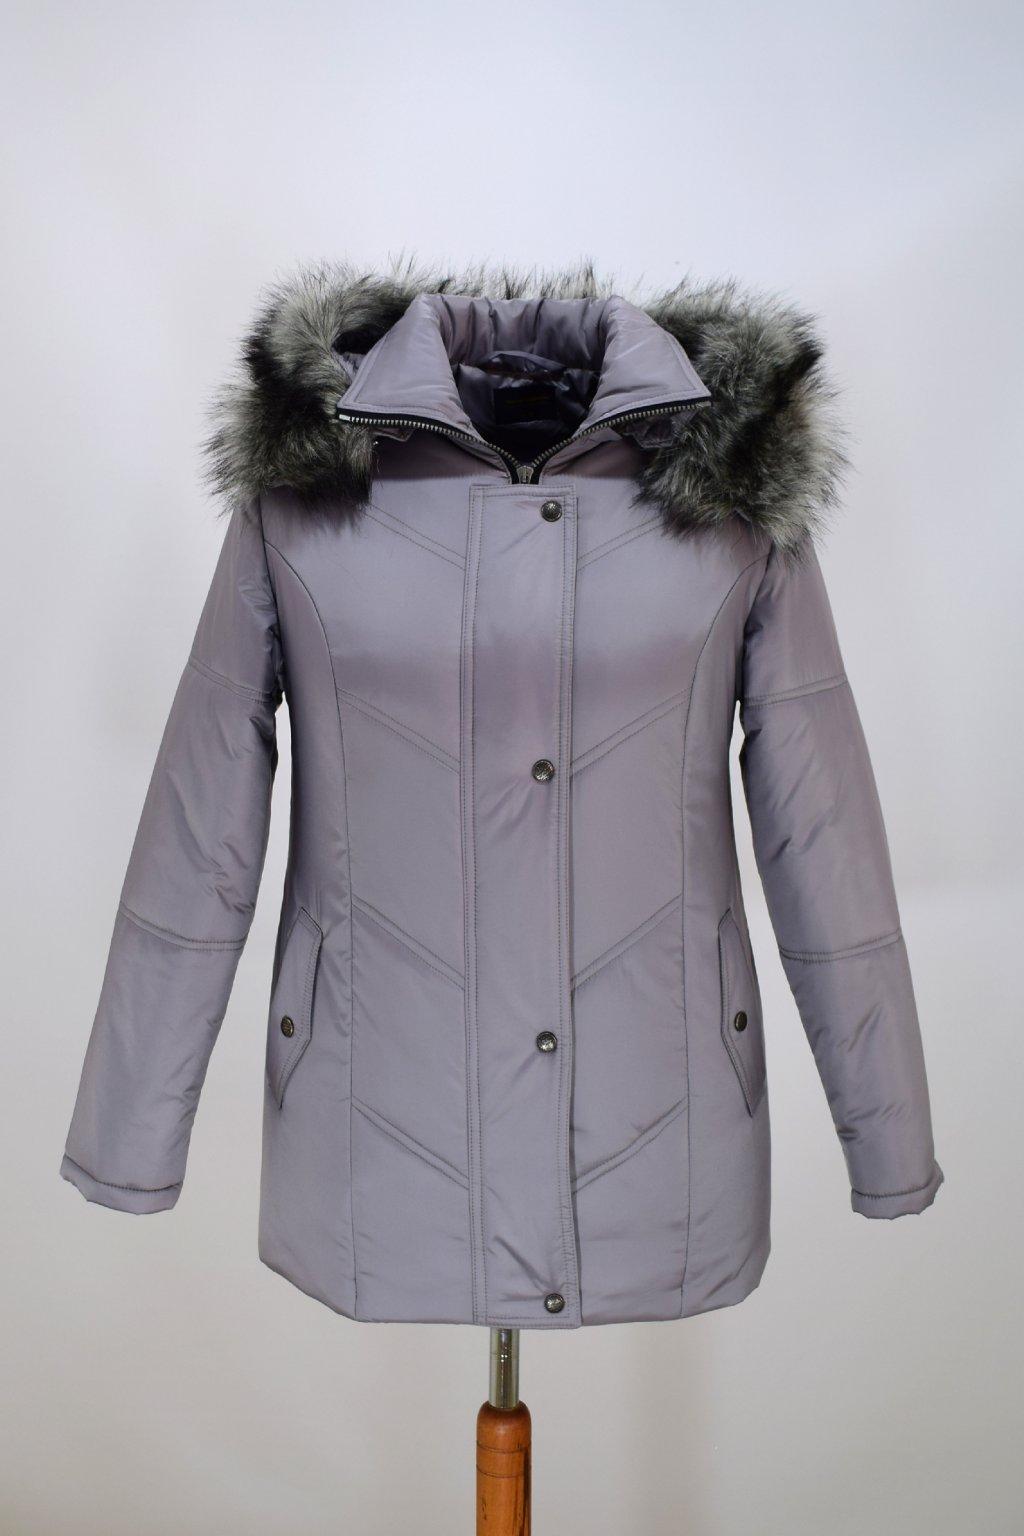 Dámská šedá zimní bunda Saša nadměrné velikosti.